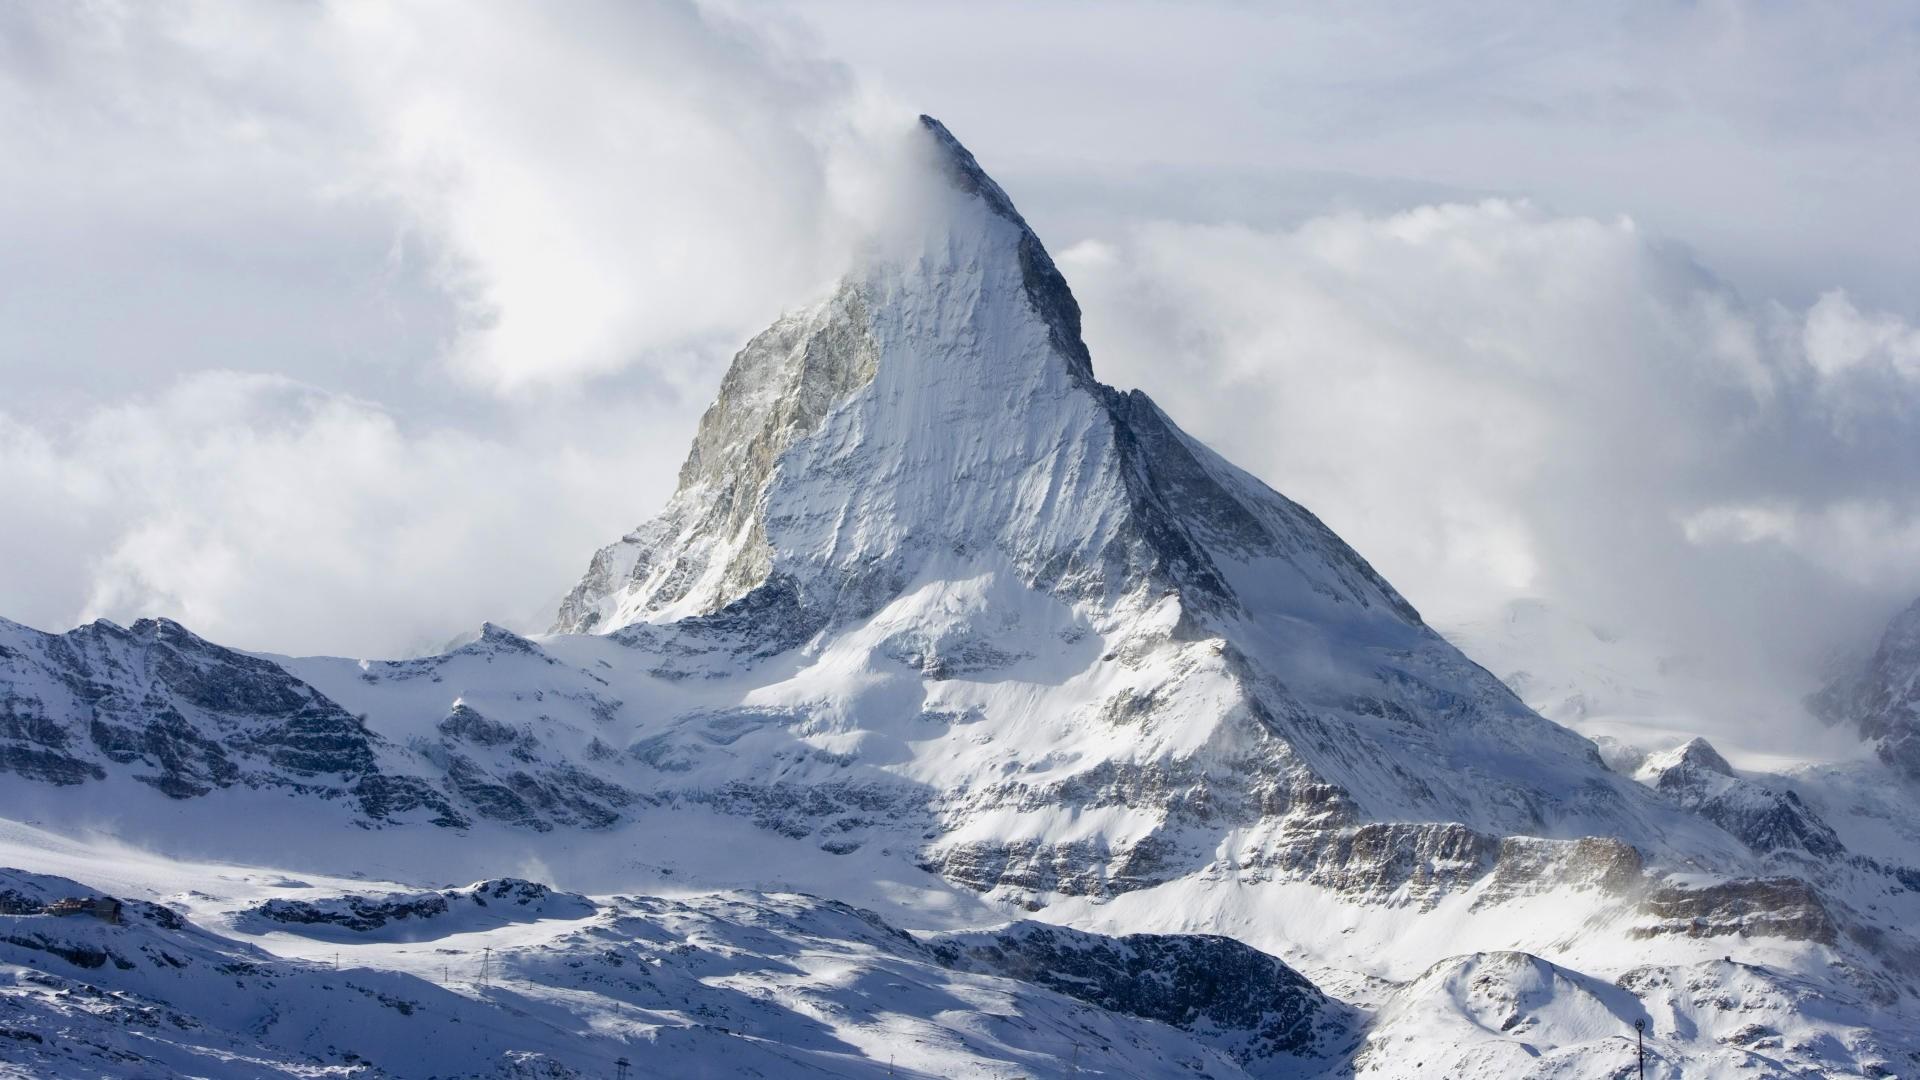 Mountain Peaks Wallpaper HD